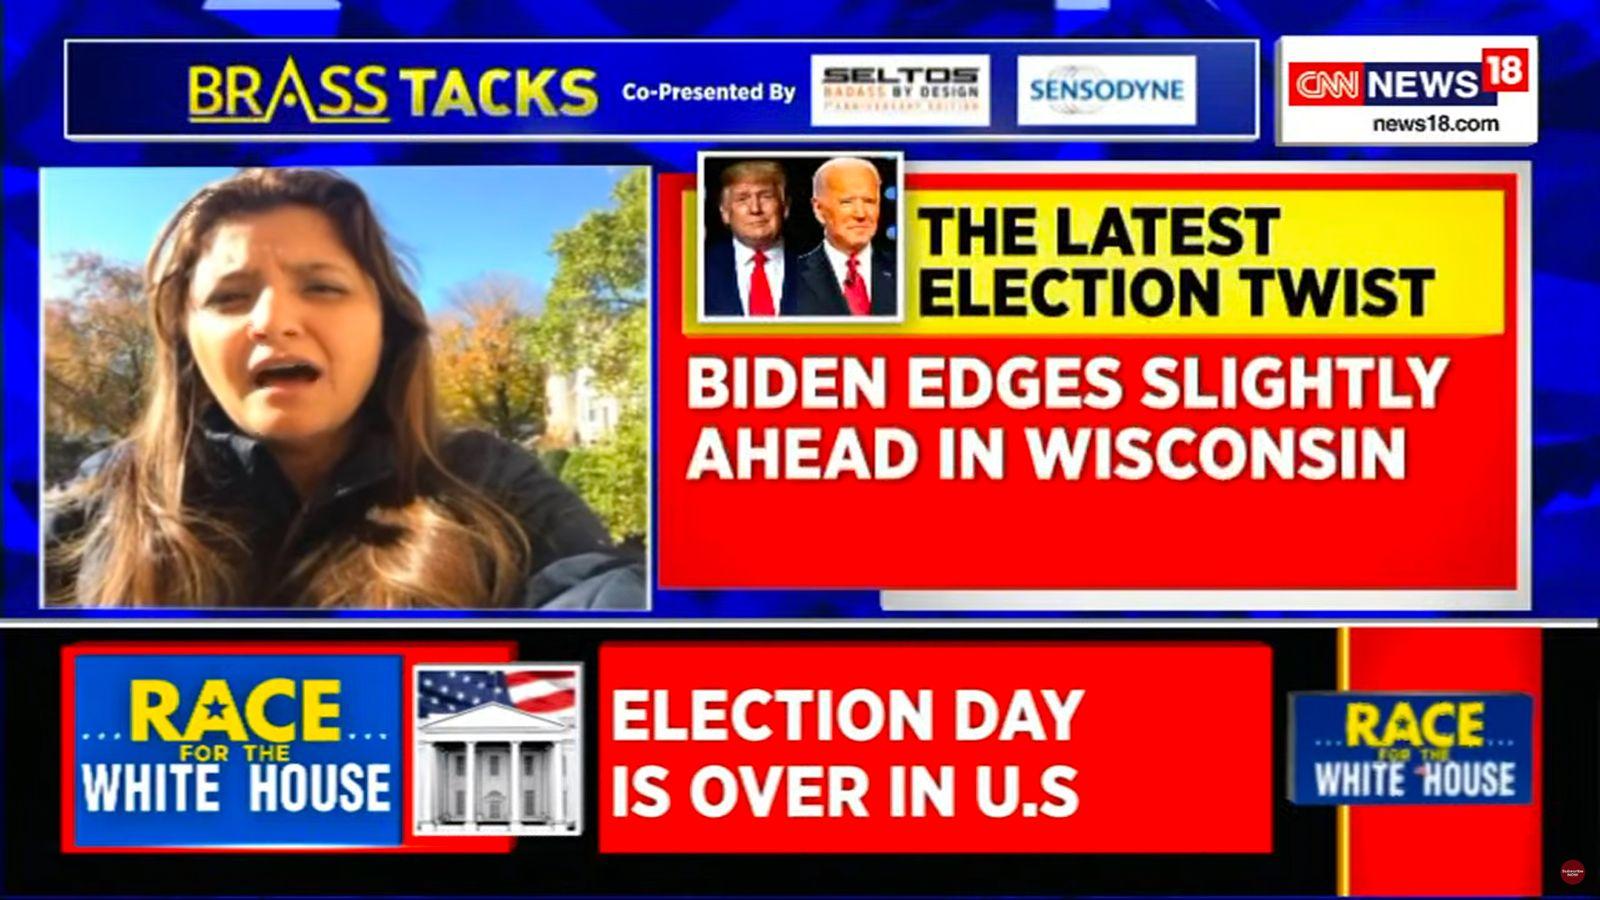 CNN Berichterstattung Wahl USA SCREENSHOT NUR ALS ZITAT